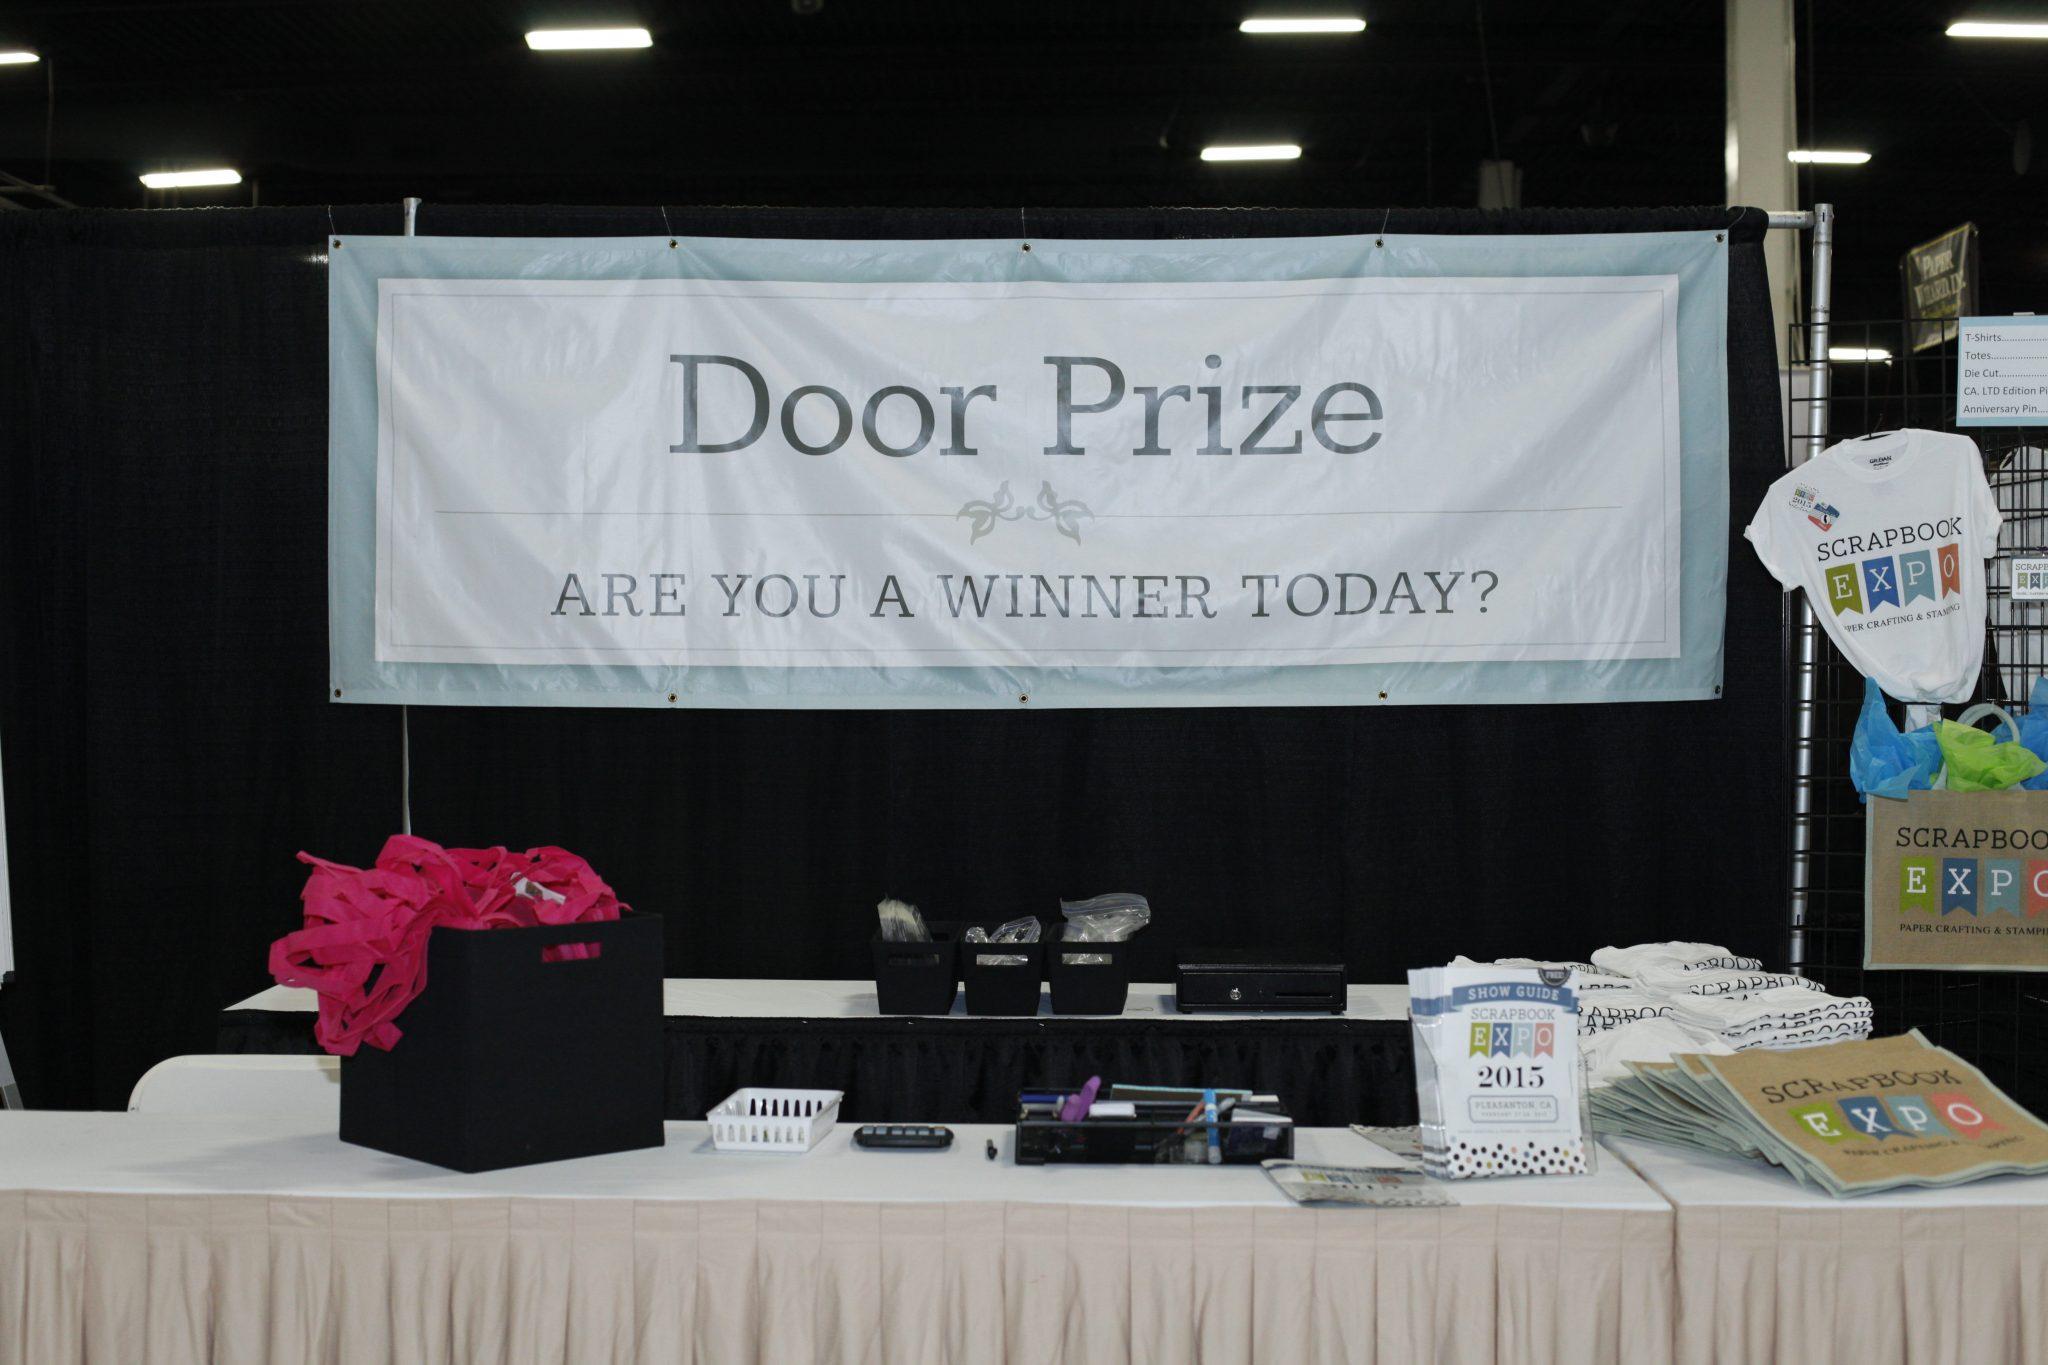 Door prizes stamp scrapbook expo for Idea for door prizes